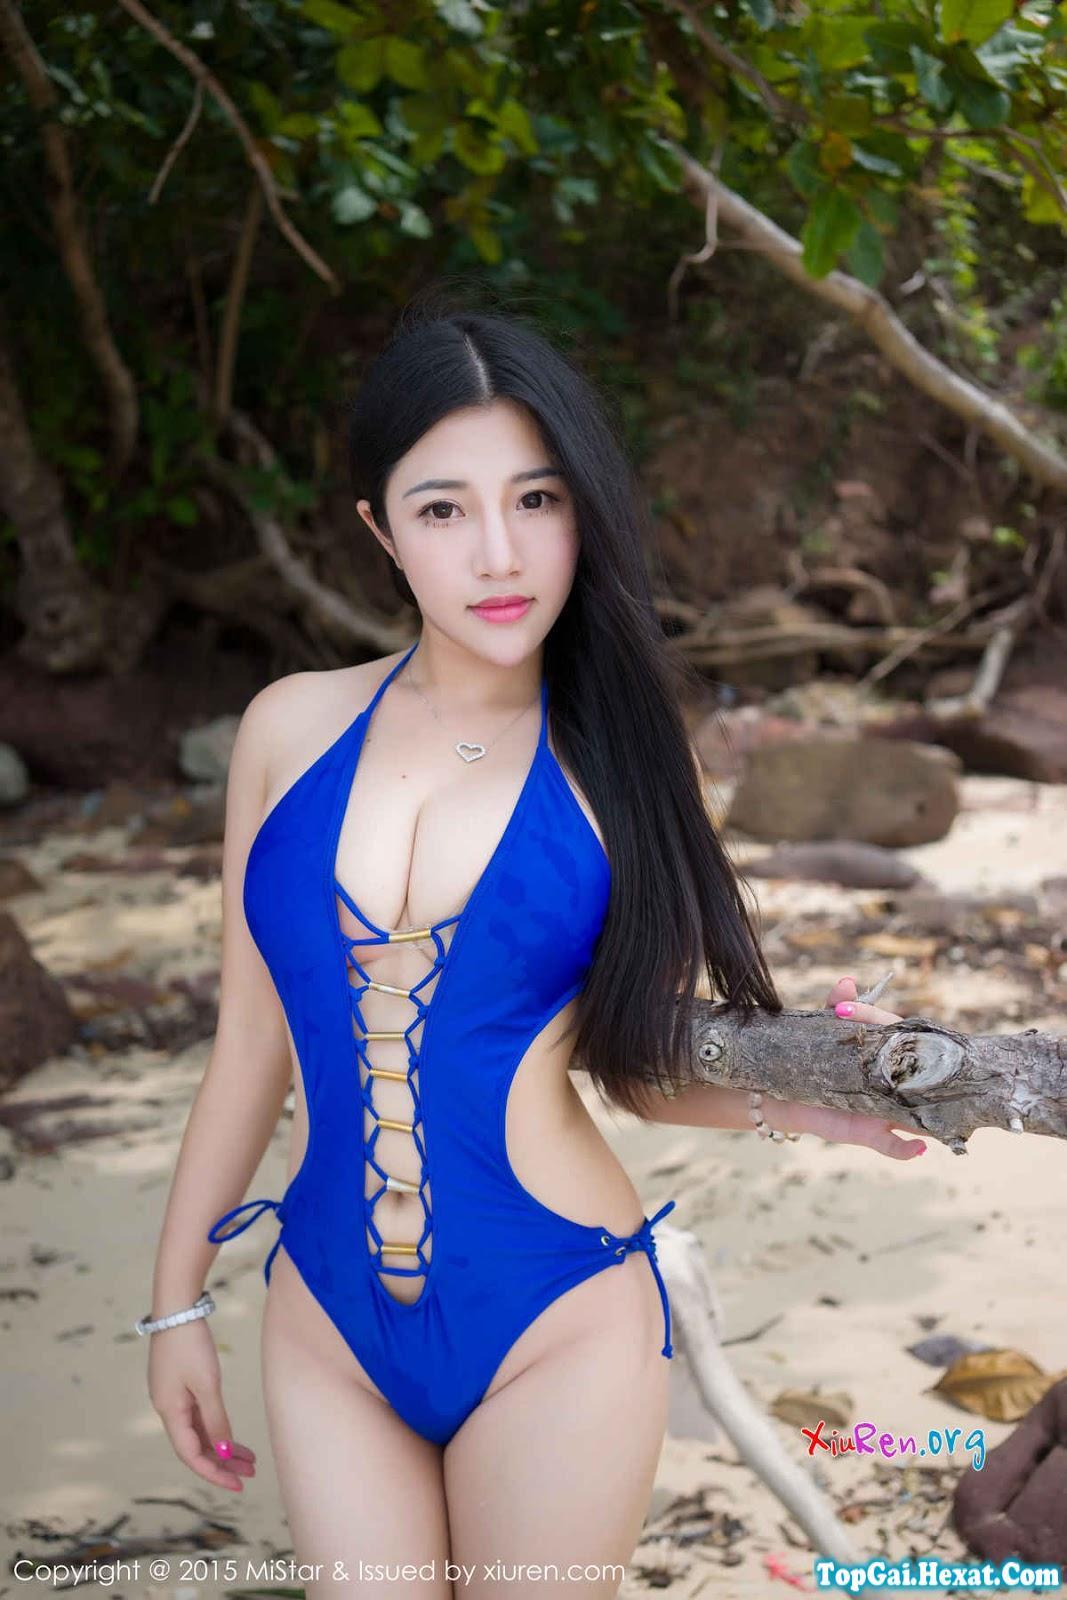 Em gái xinh ngực khủng tắm biển phần 2